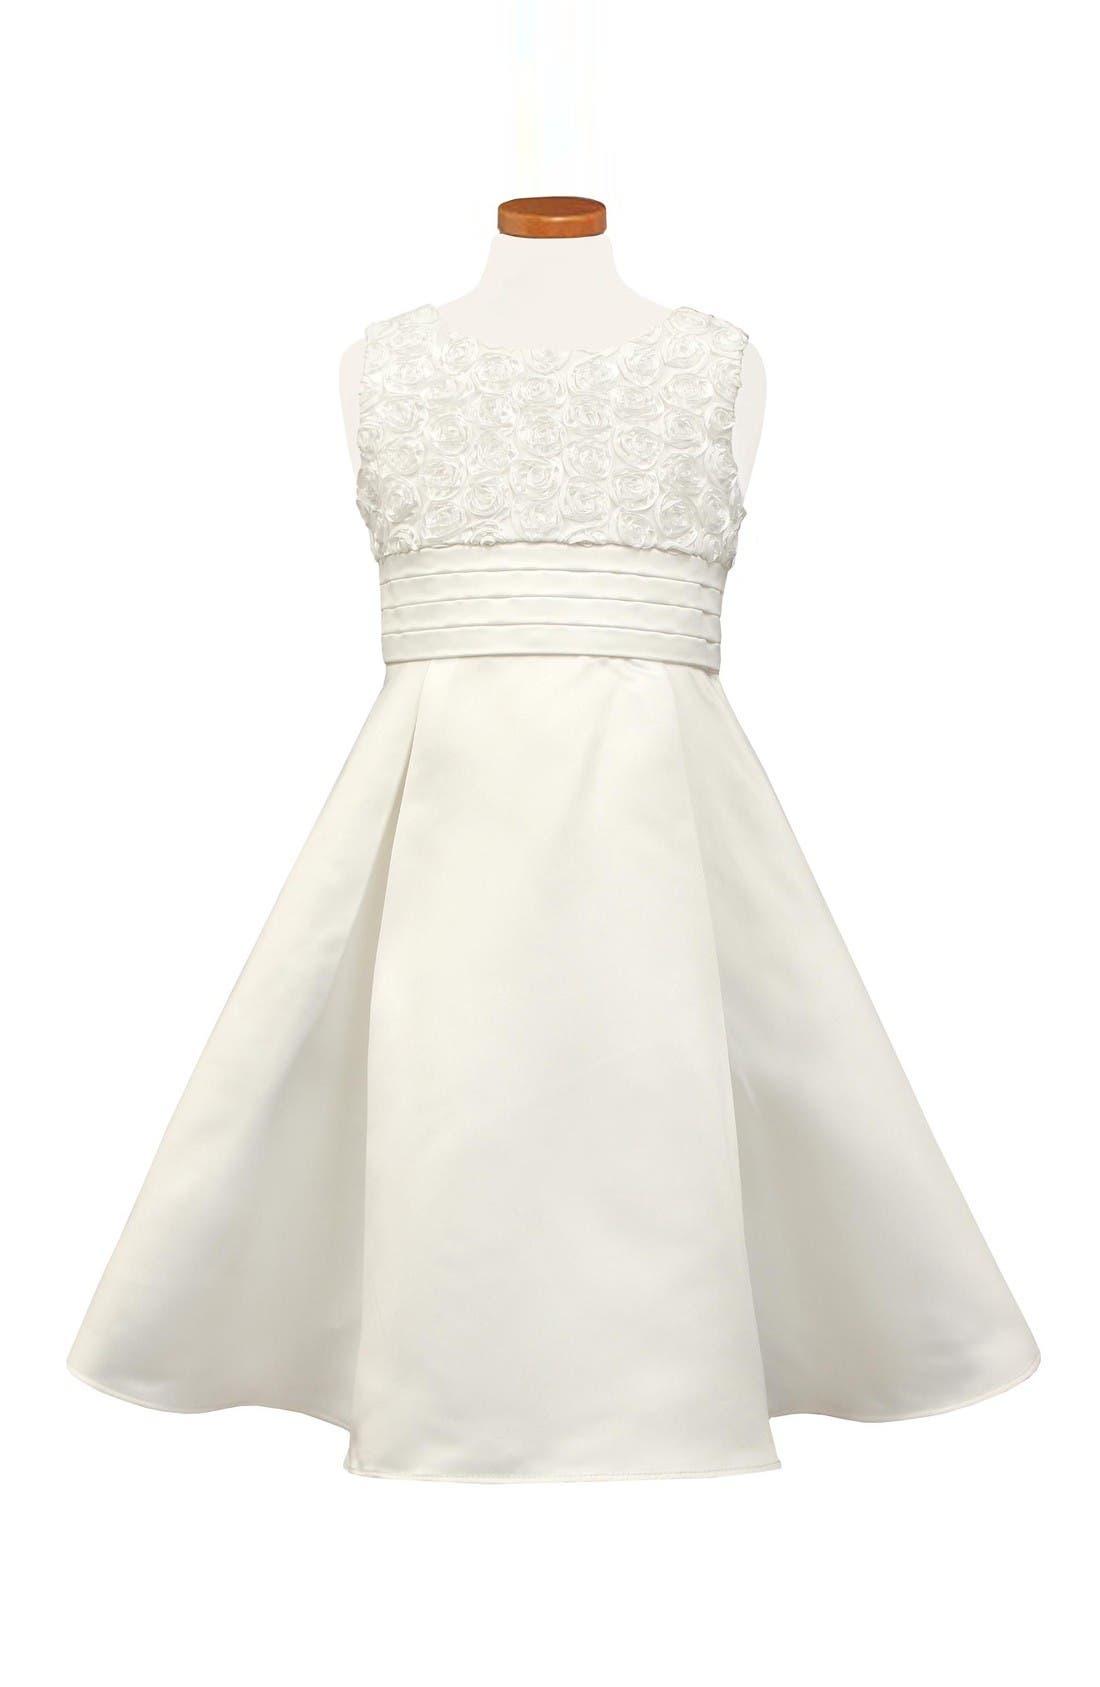 Alternate Image 1 Selected - Sorbet Rosette Sleeveless Dress (Little Girls)